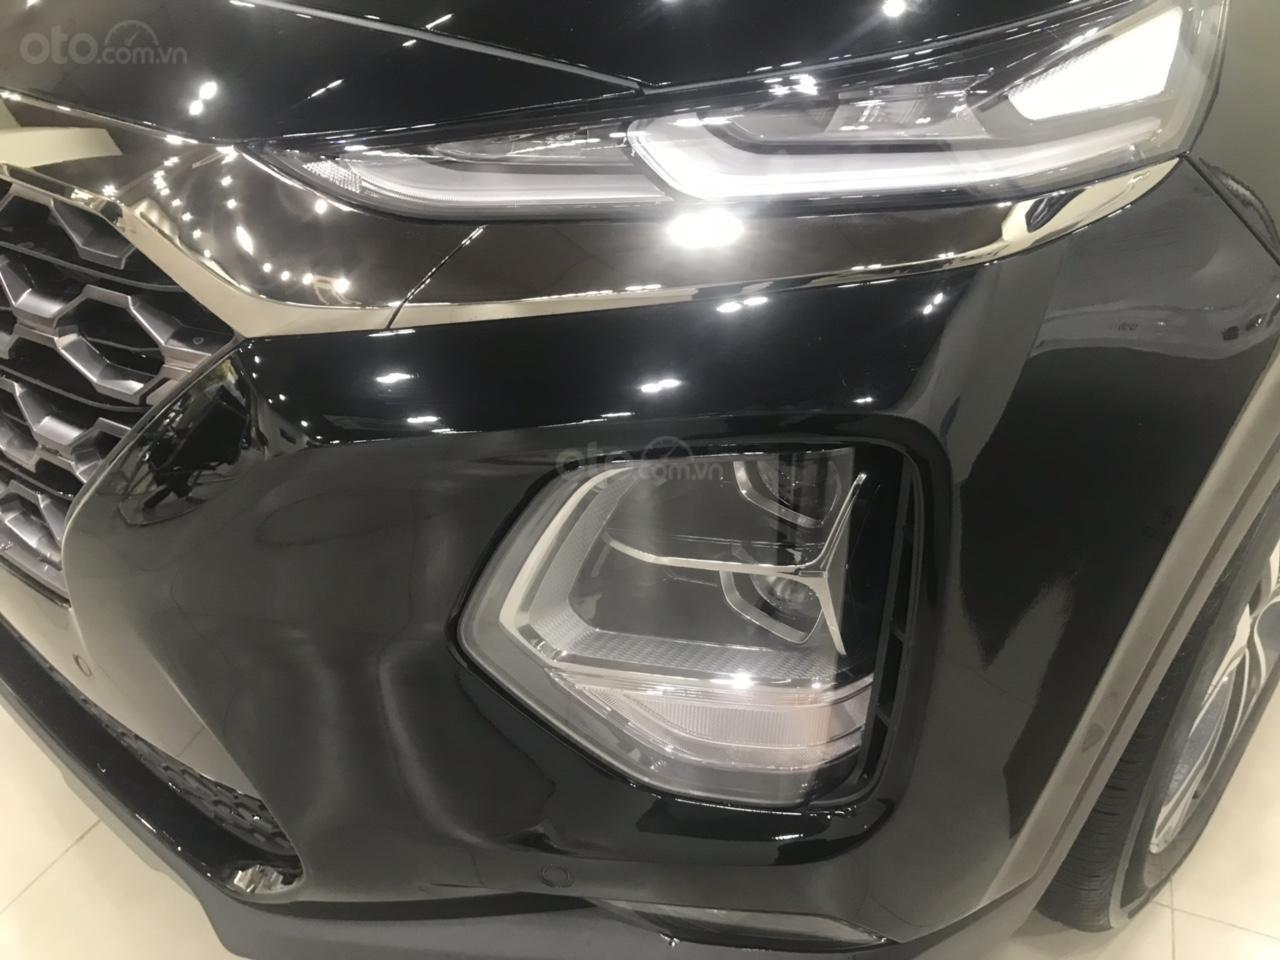 Hyundai Santa Fe 2019 bản Premium máy dầu cao cấp - Xe giao ngay - Nhiều ưu đãi - 0919929923-5